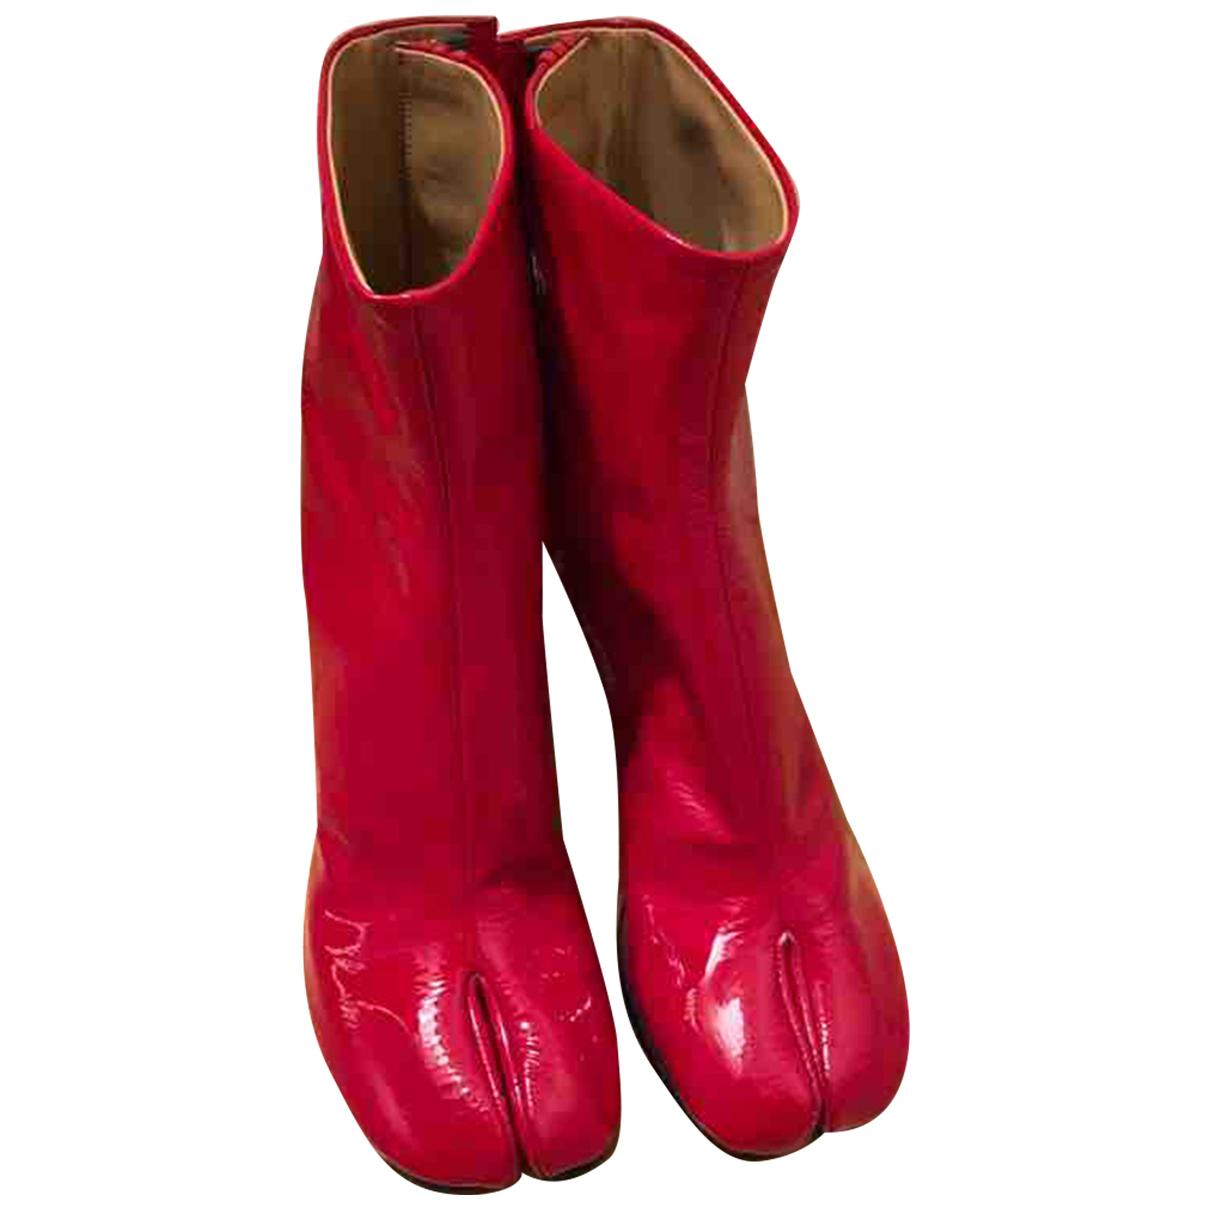 Maison Martin Margiela - Bottes Tabi pour femme en cuir - rouge